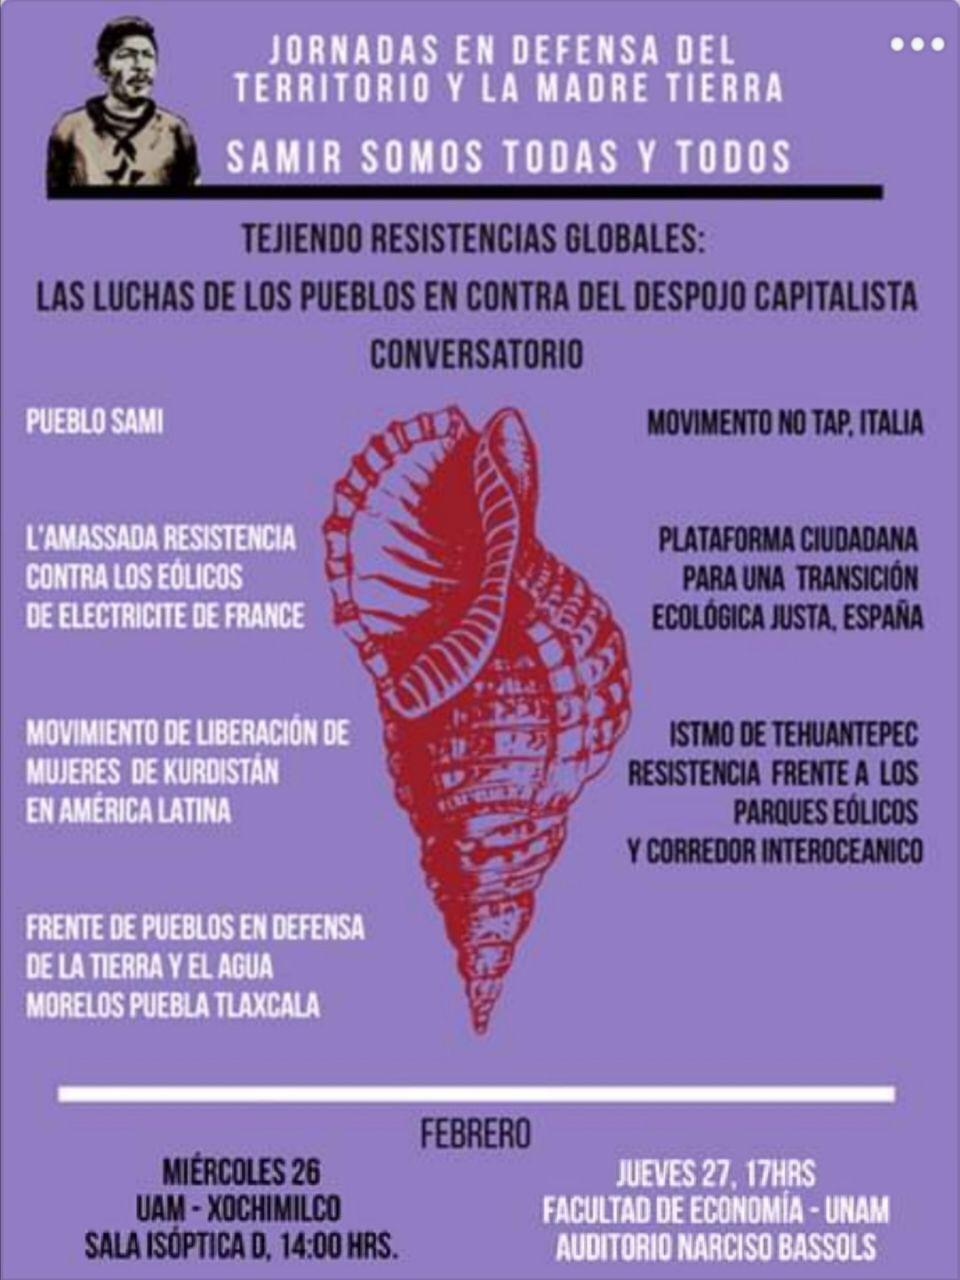 """TEJIENDO RESISTENCIAS GLOBALES: CONVERSATORIO LUCHAS DE PUEBLOS DEL MUNDO EN CONTRA DEL DESPOJO CAPITALISTA. JORNADAS EN DEFENSA DEL TERRITORIO Y LA MADRE TIERRA """"SAMIR SOMOS TODAS Y TODOS""""."""